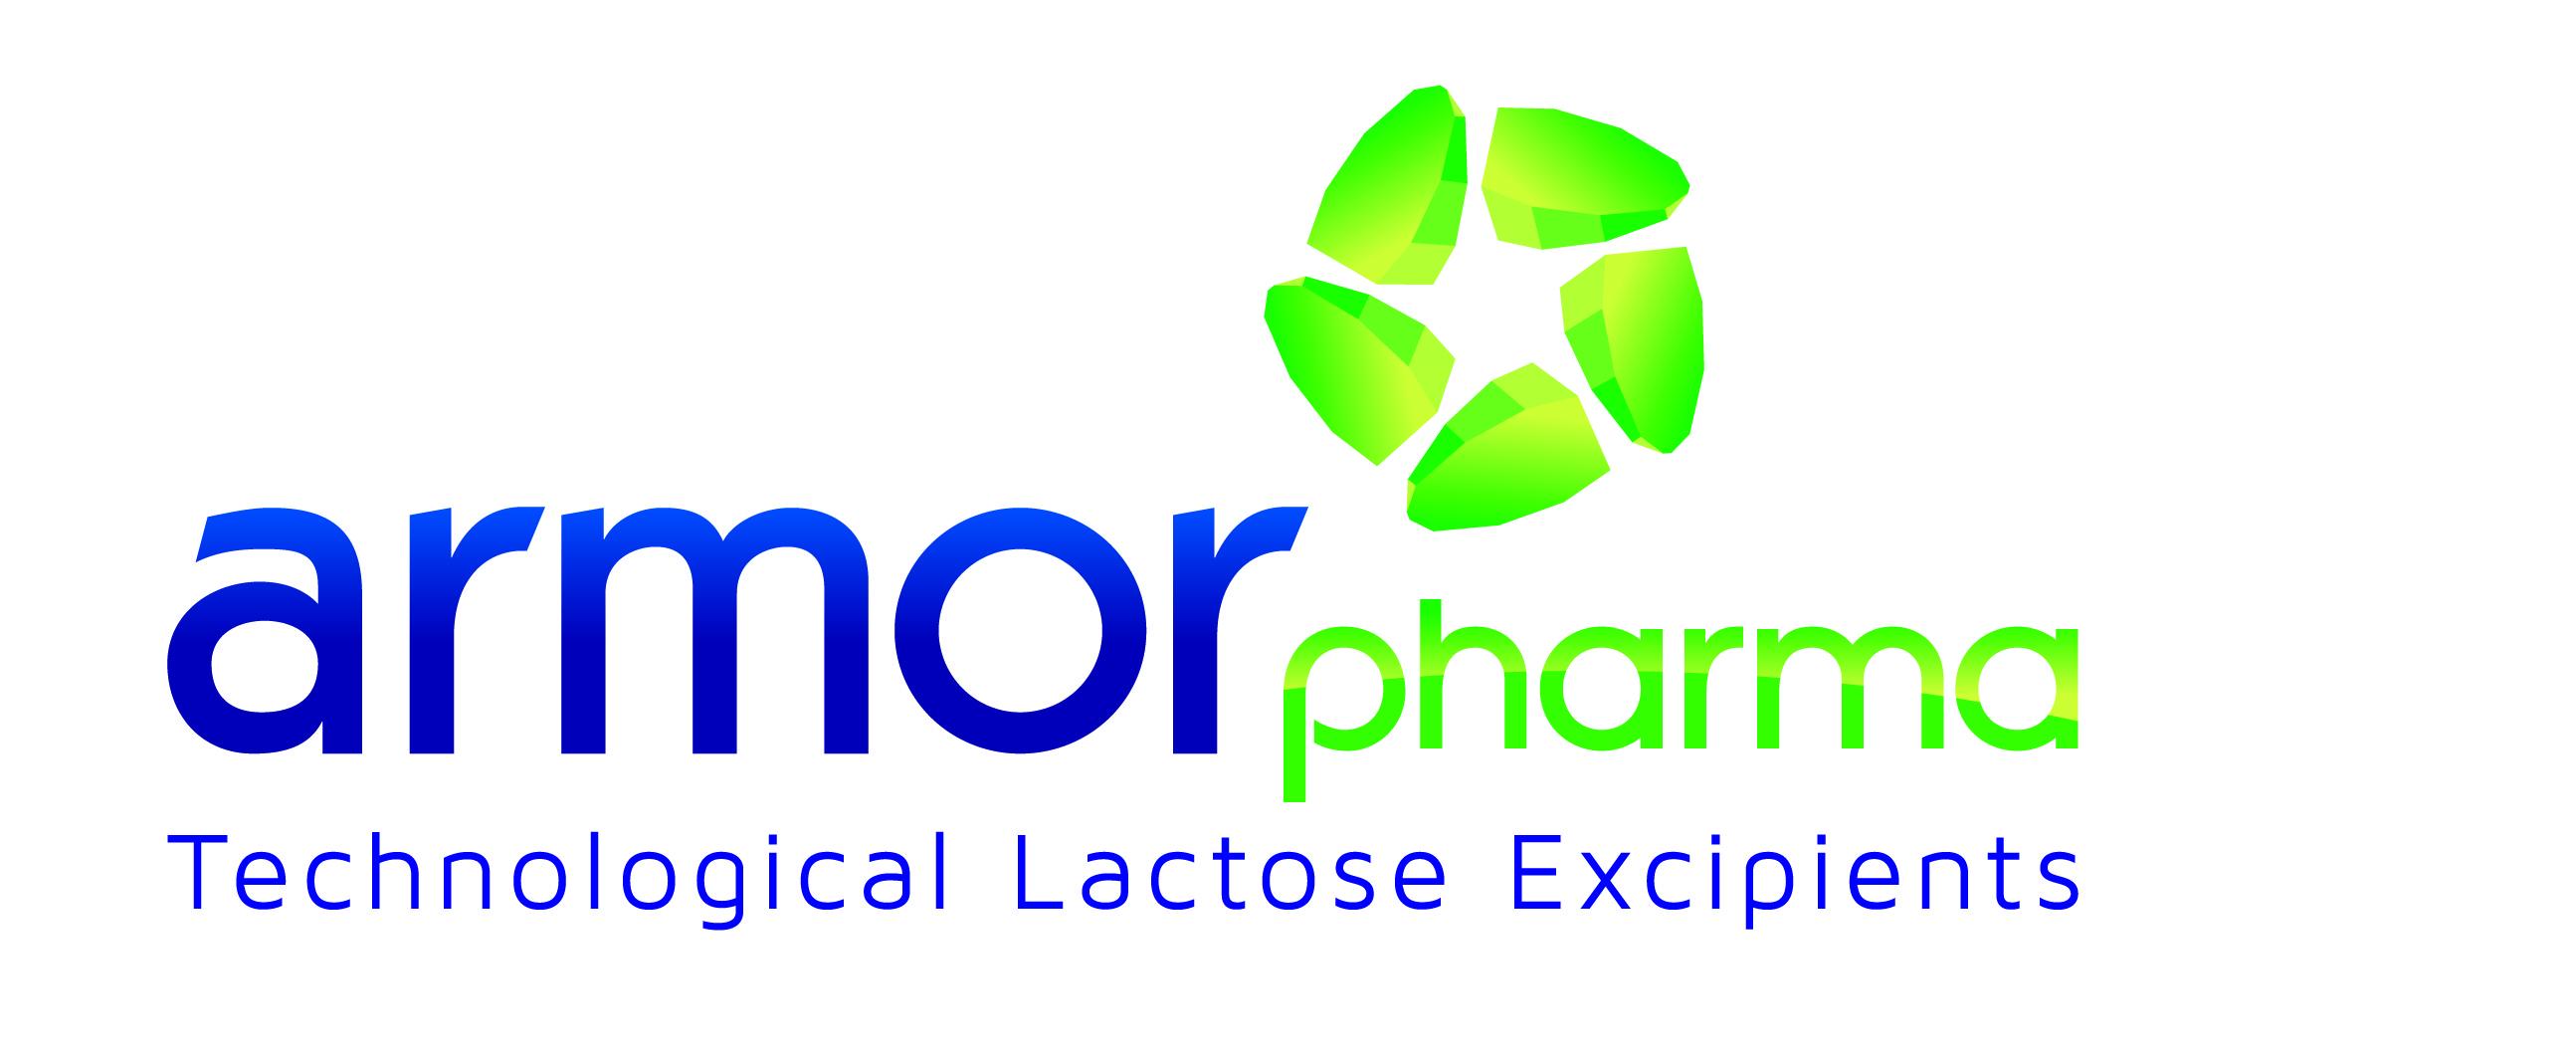 http://www.armor-pharma.com/